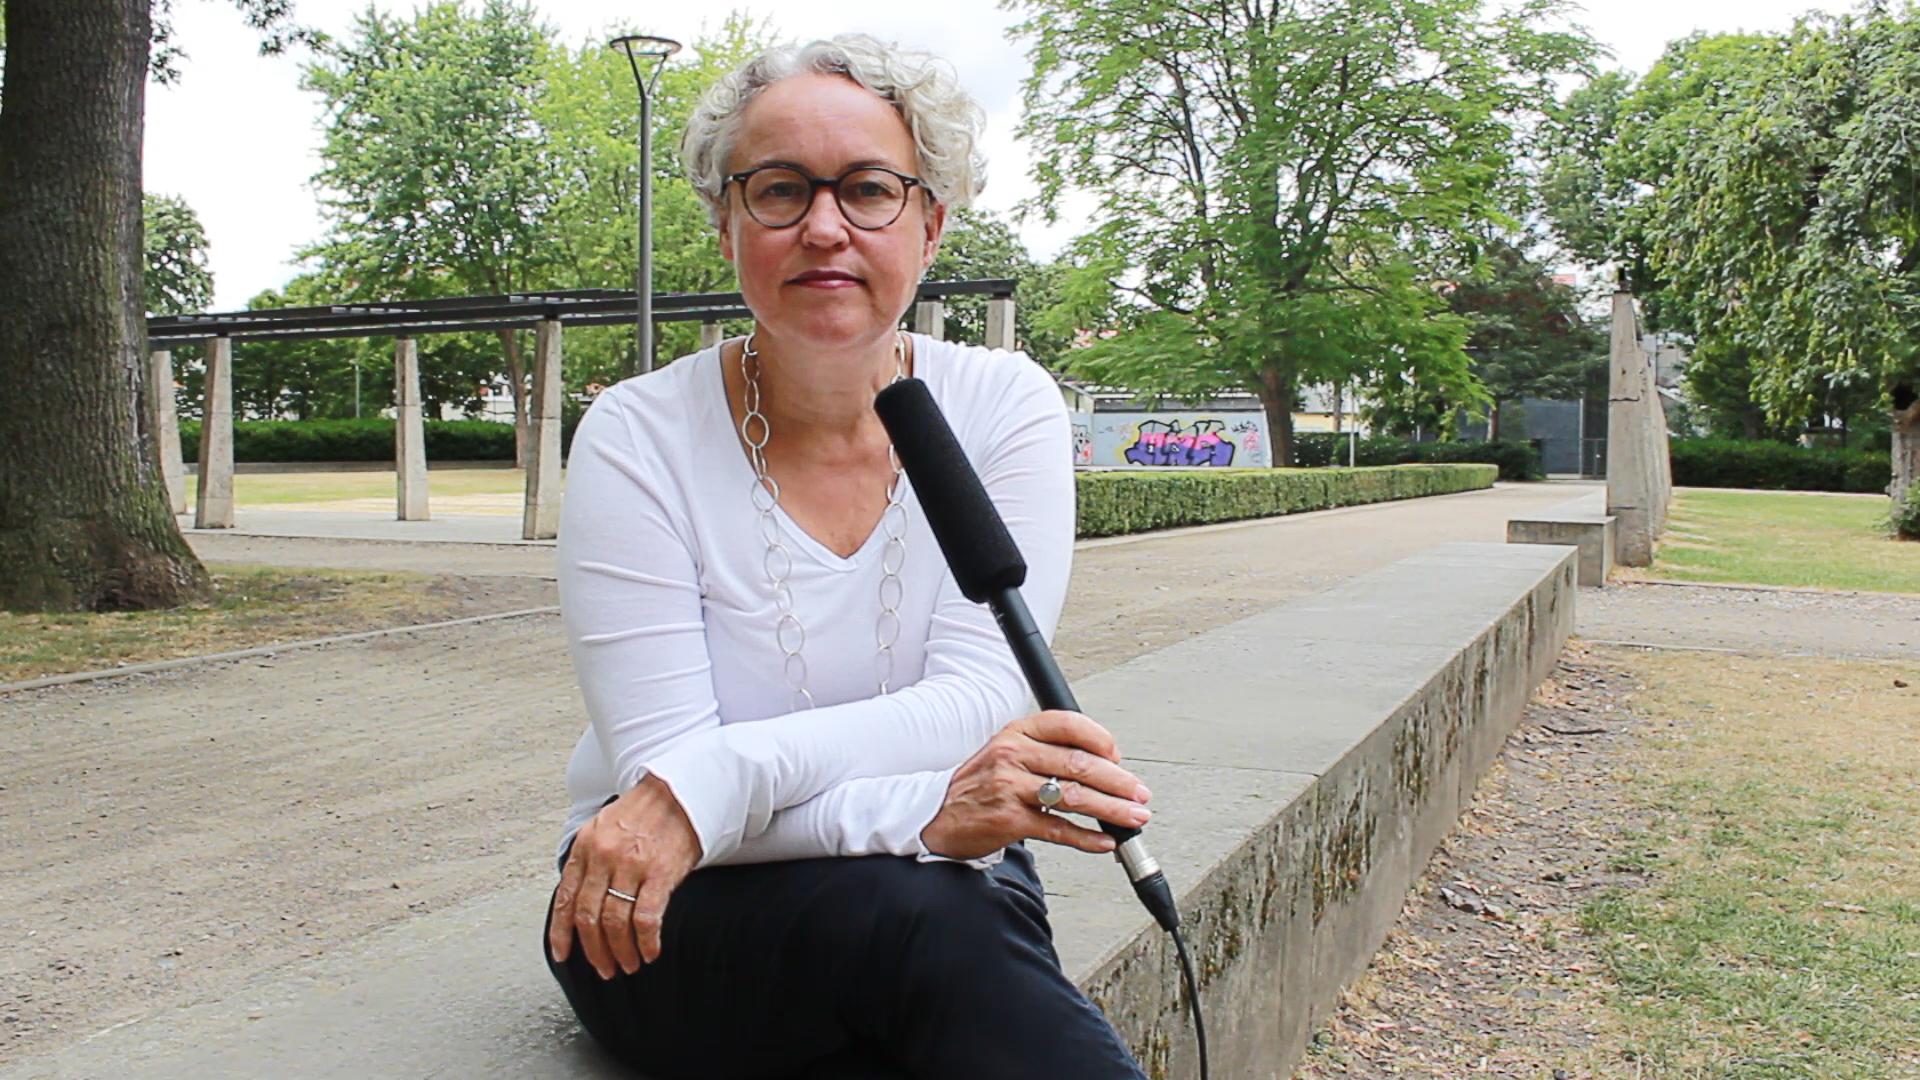 #aufunskommtesan – Kathrin Hoyer